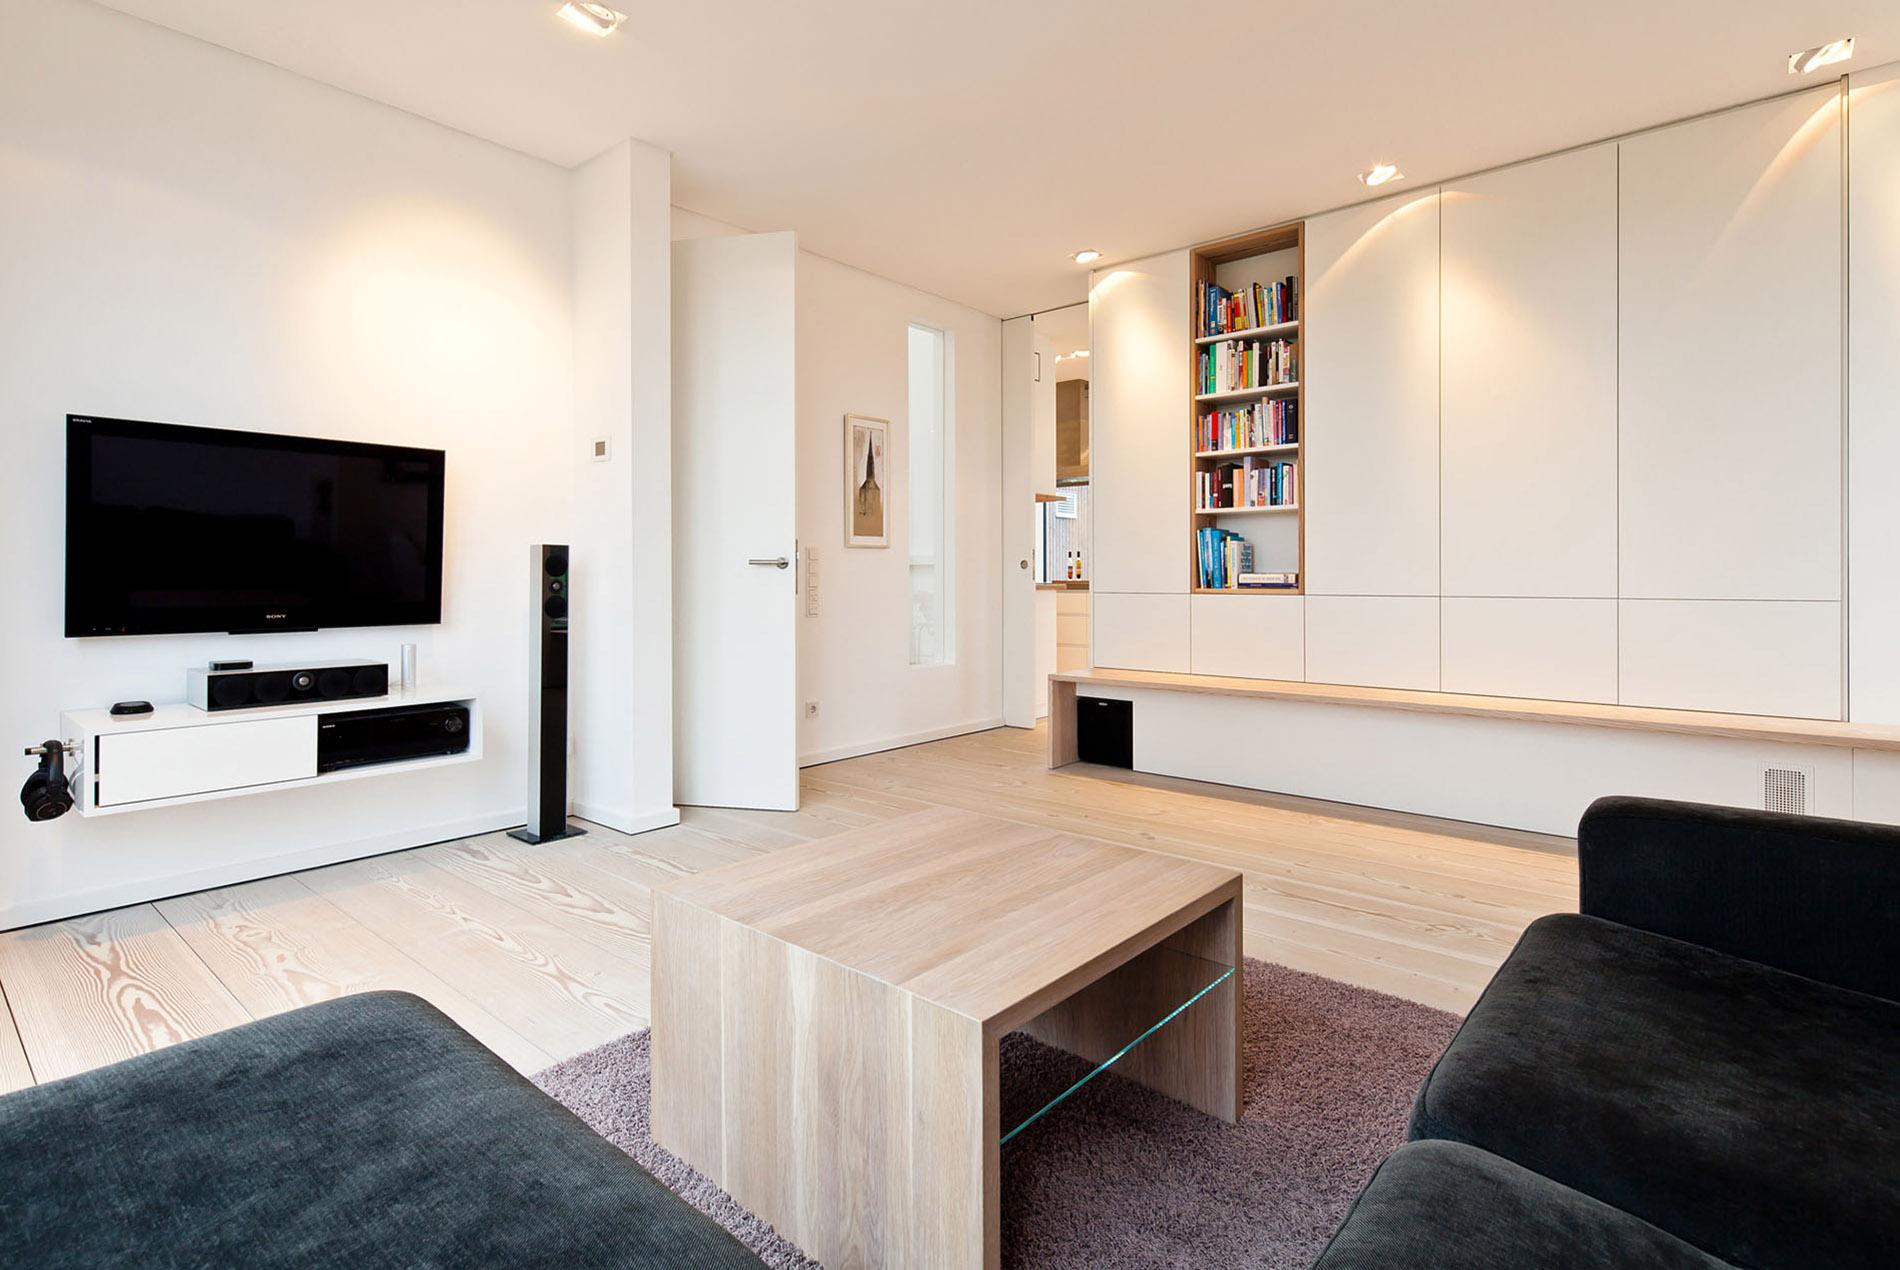 Modernes Wohnzimmer In Naturtonen Mit Einbauschranken Tischlerei